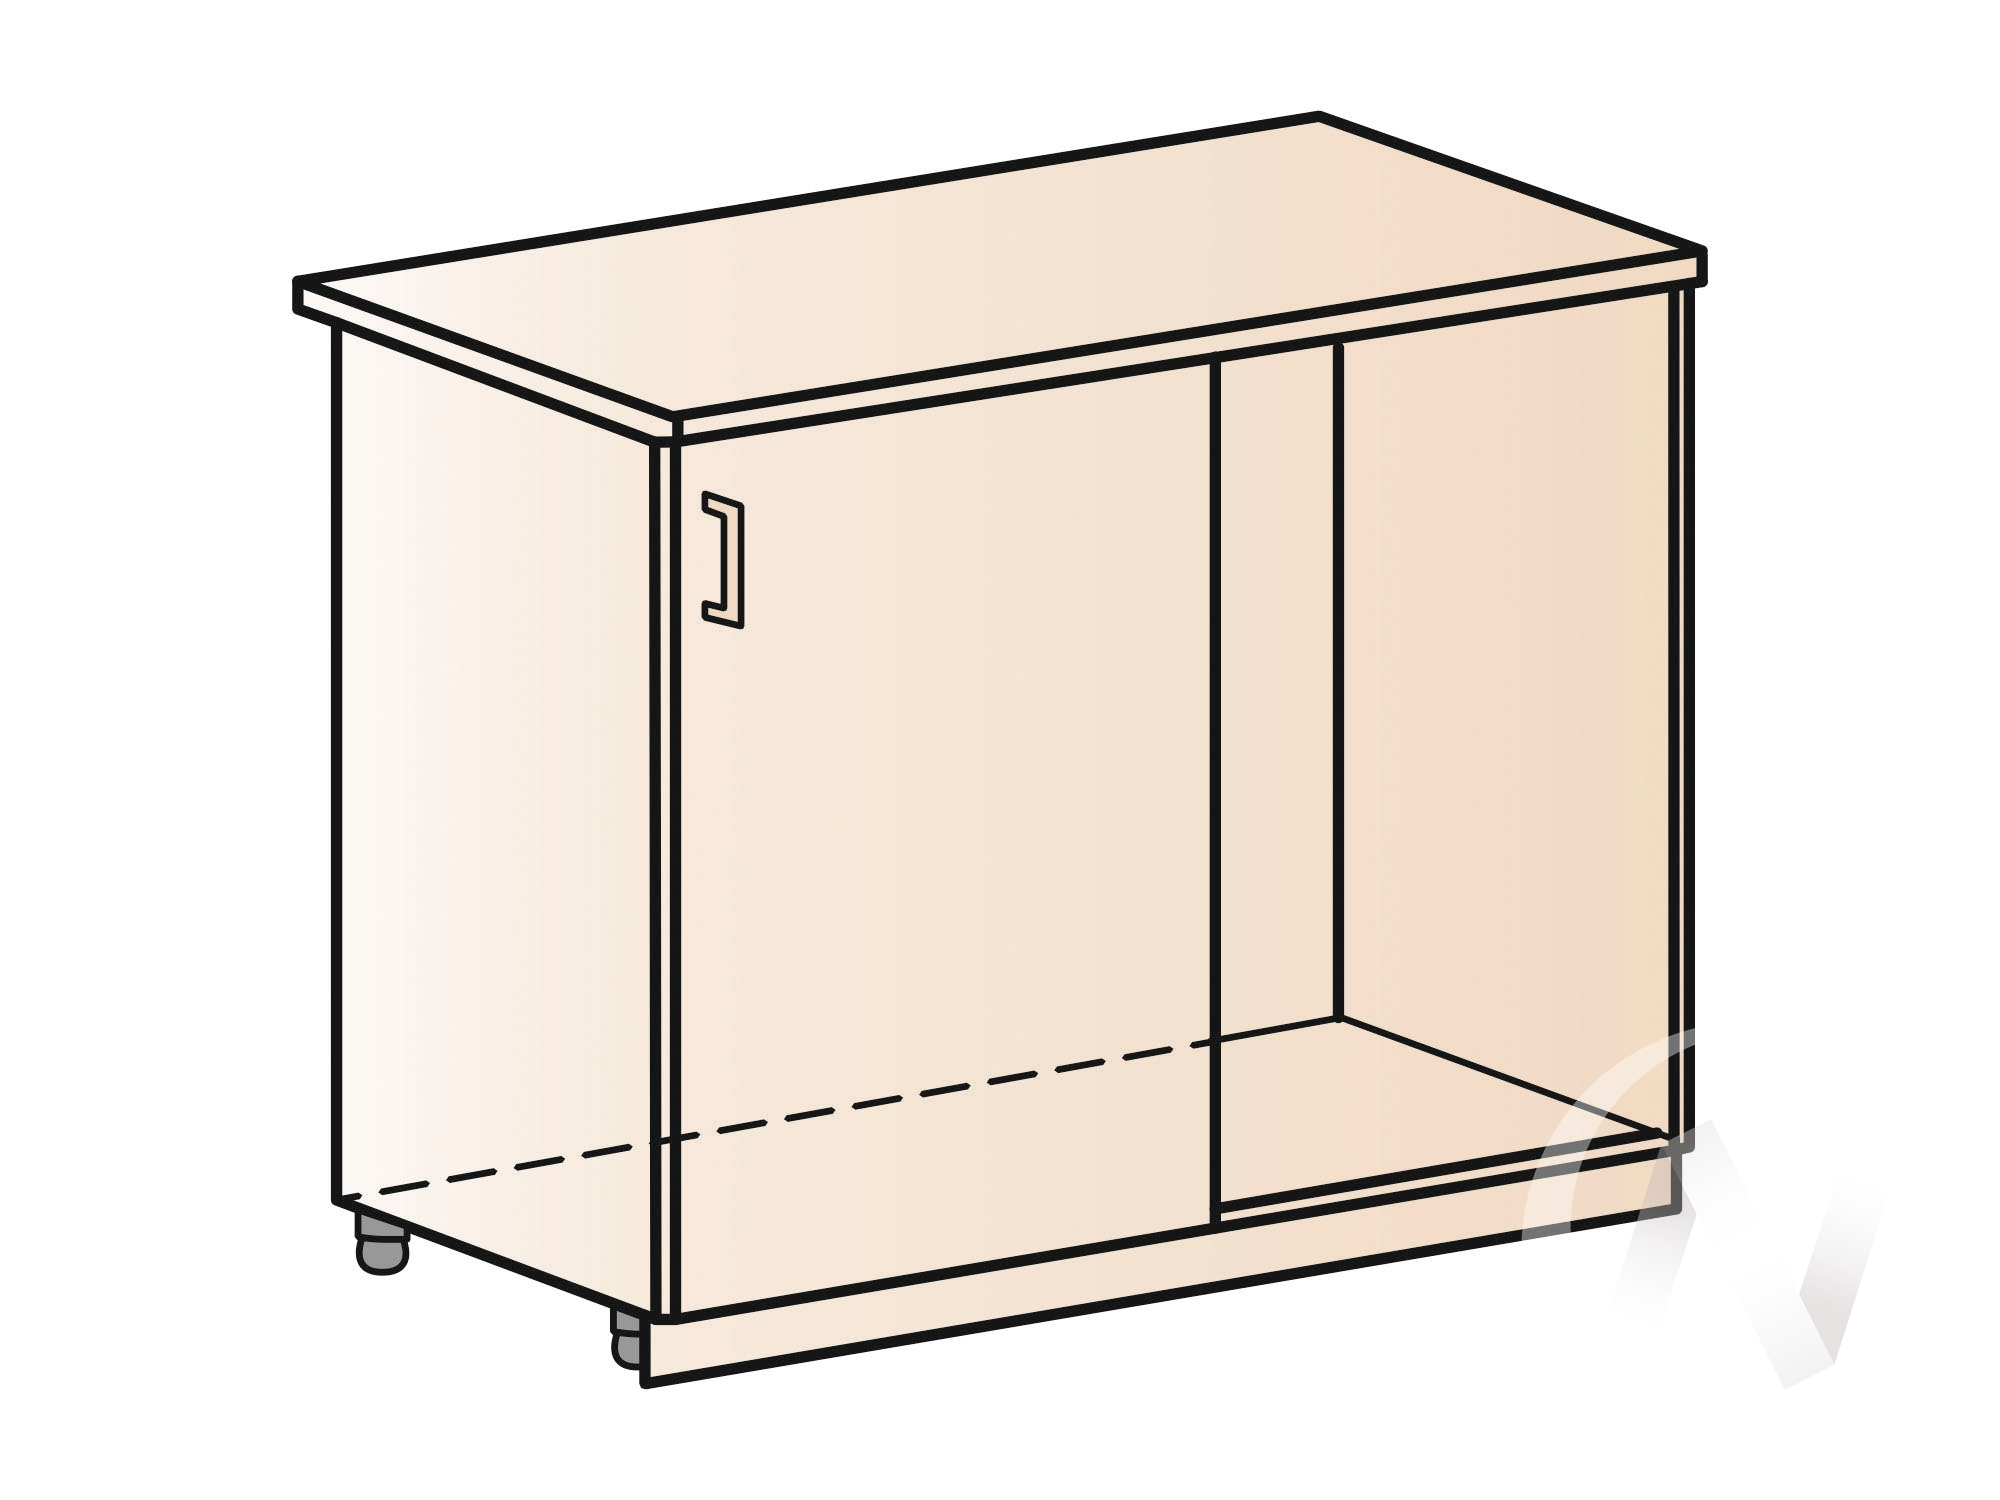 """Кухня """"Вега"""": Шкаф нижний угловой 990М, ШНУ 990М (салатовый металлик/корпус венге) в Новосибирске в интернет-магазине мебели kuhnya54.ru"""